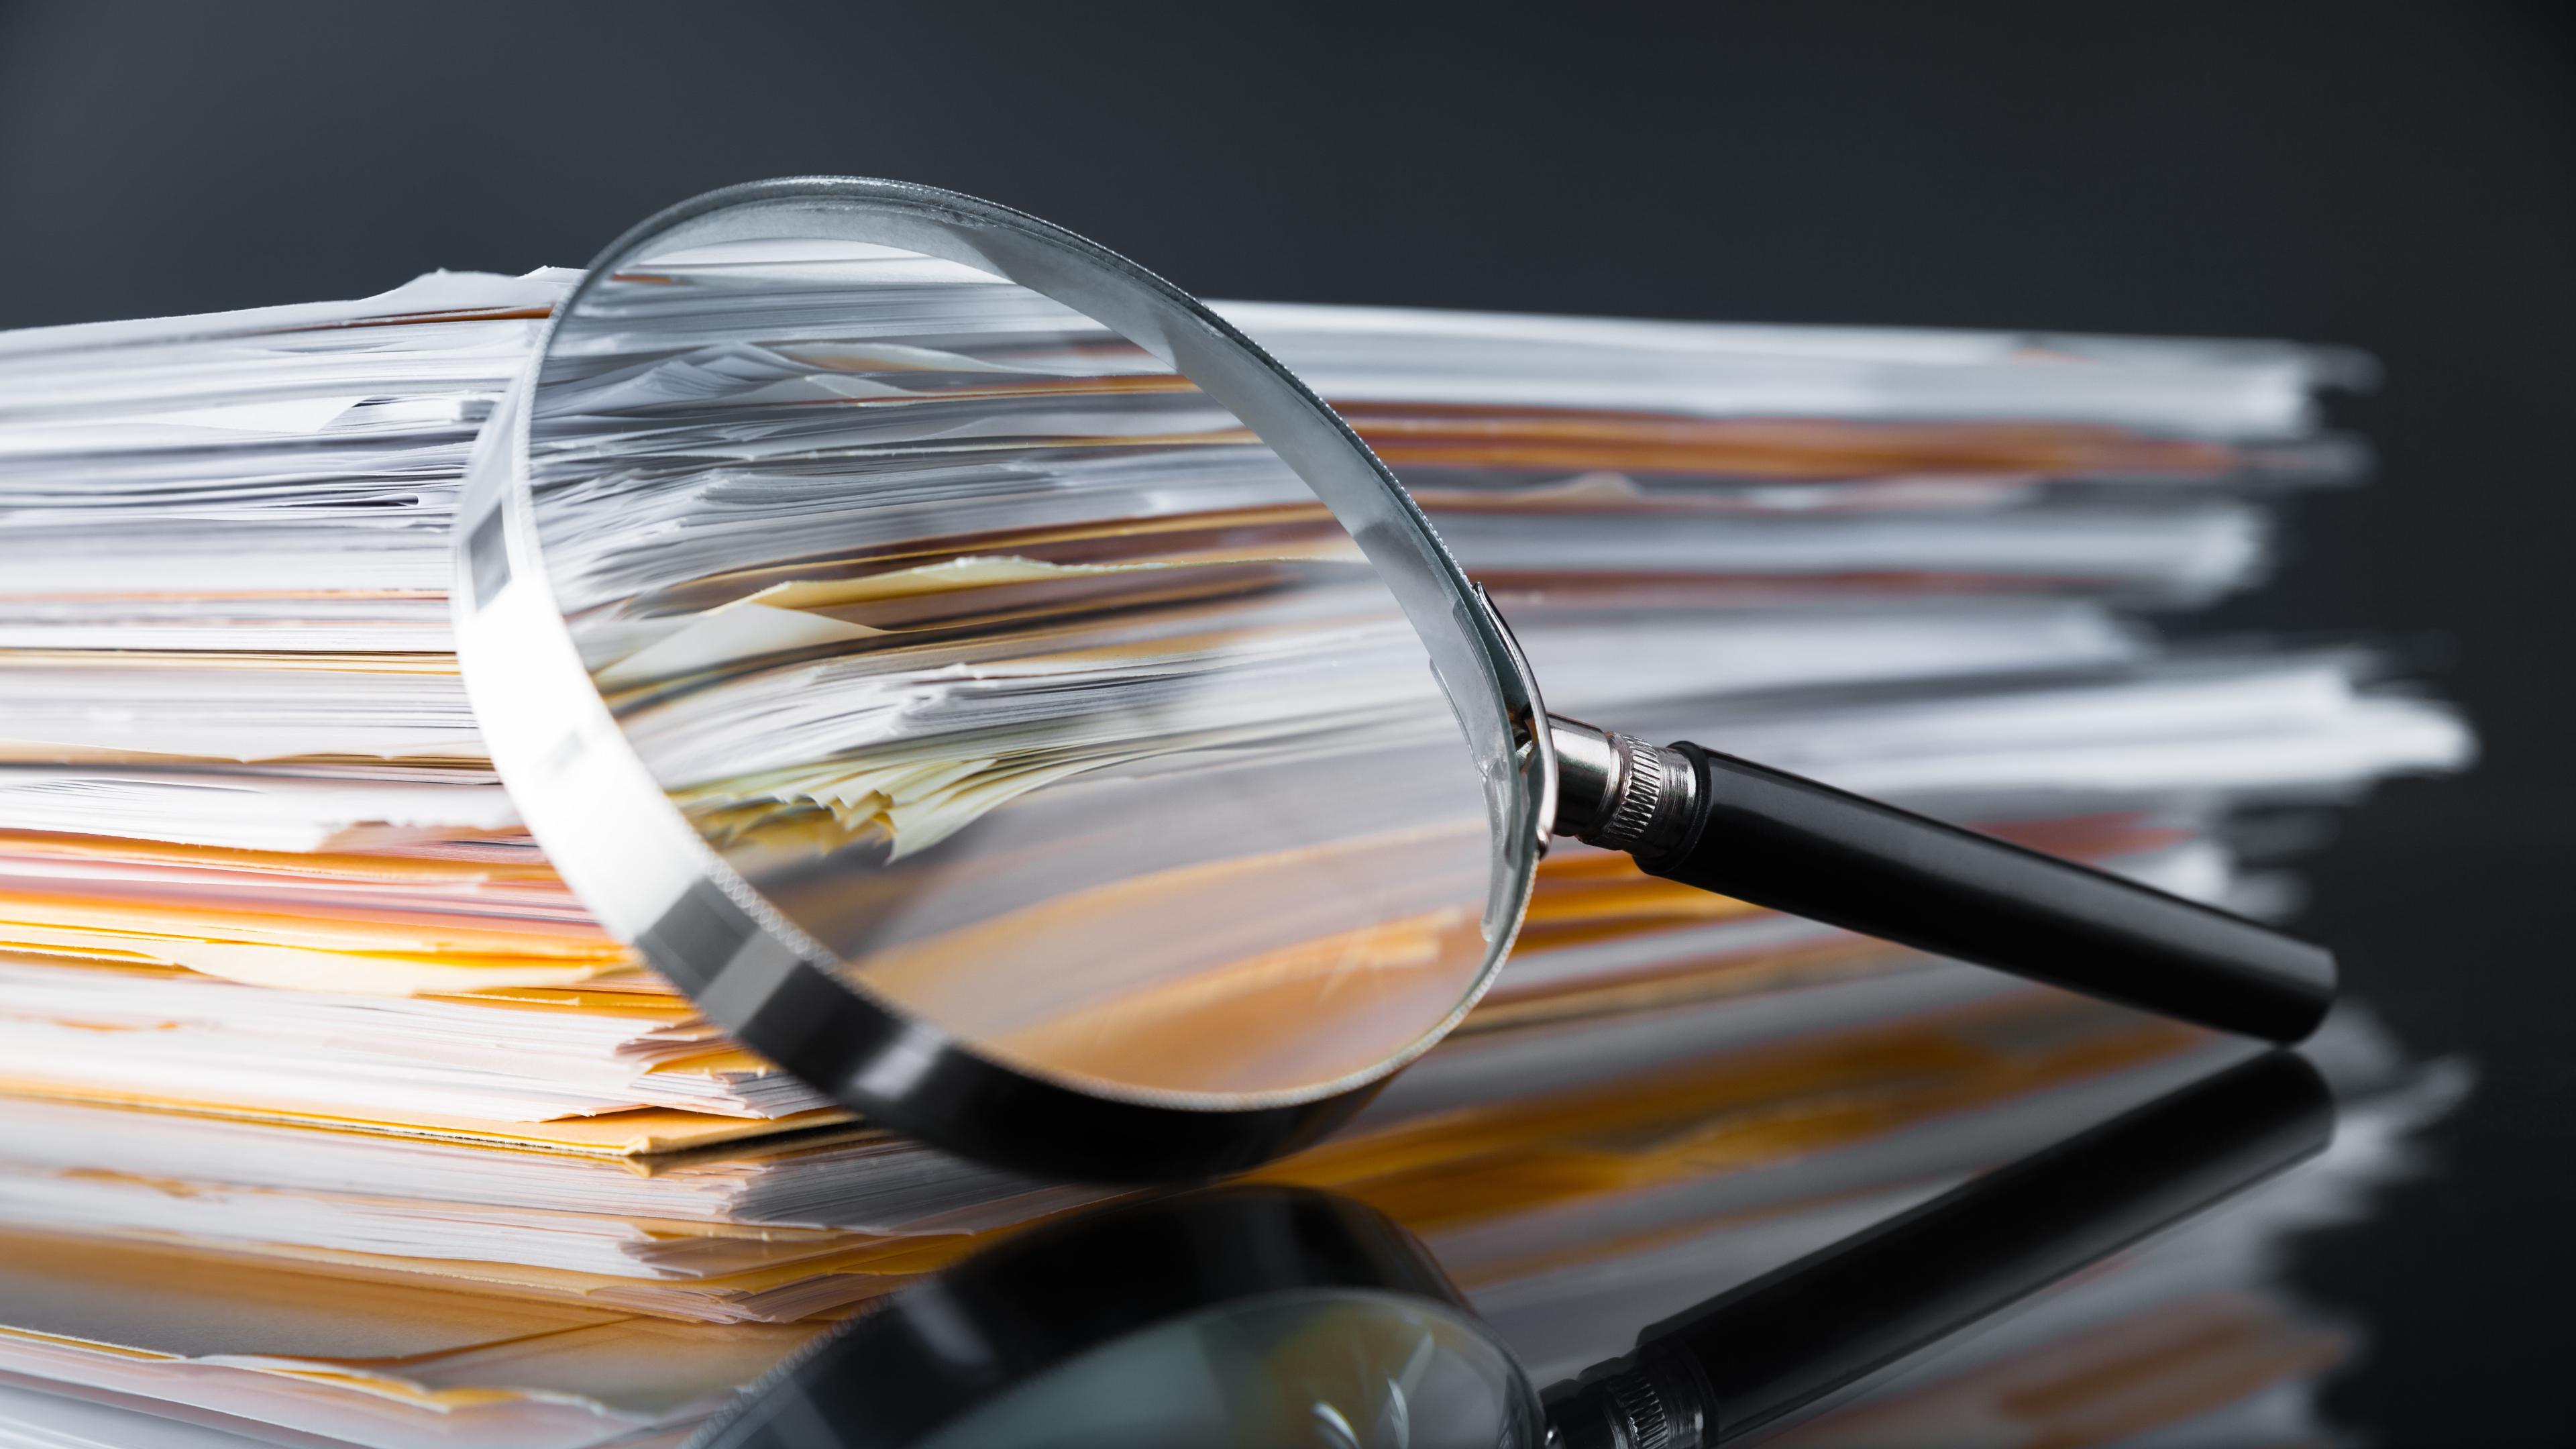 Десятки научных журналов с открытым доступом исчезли из интернета